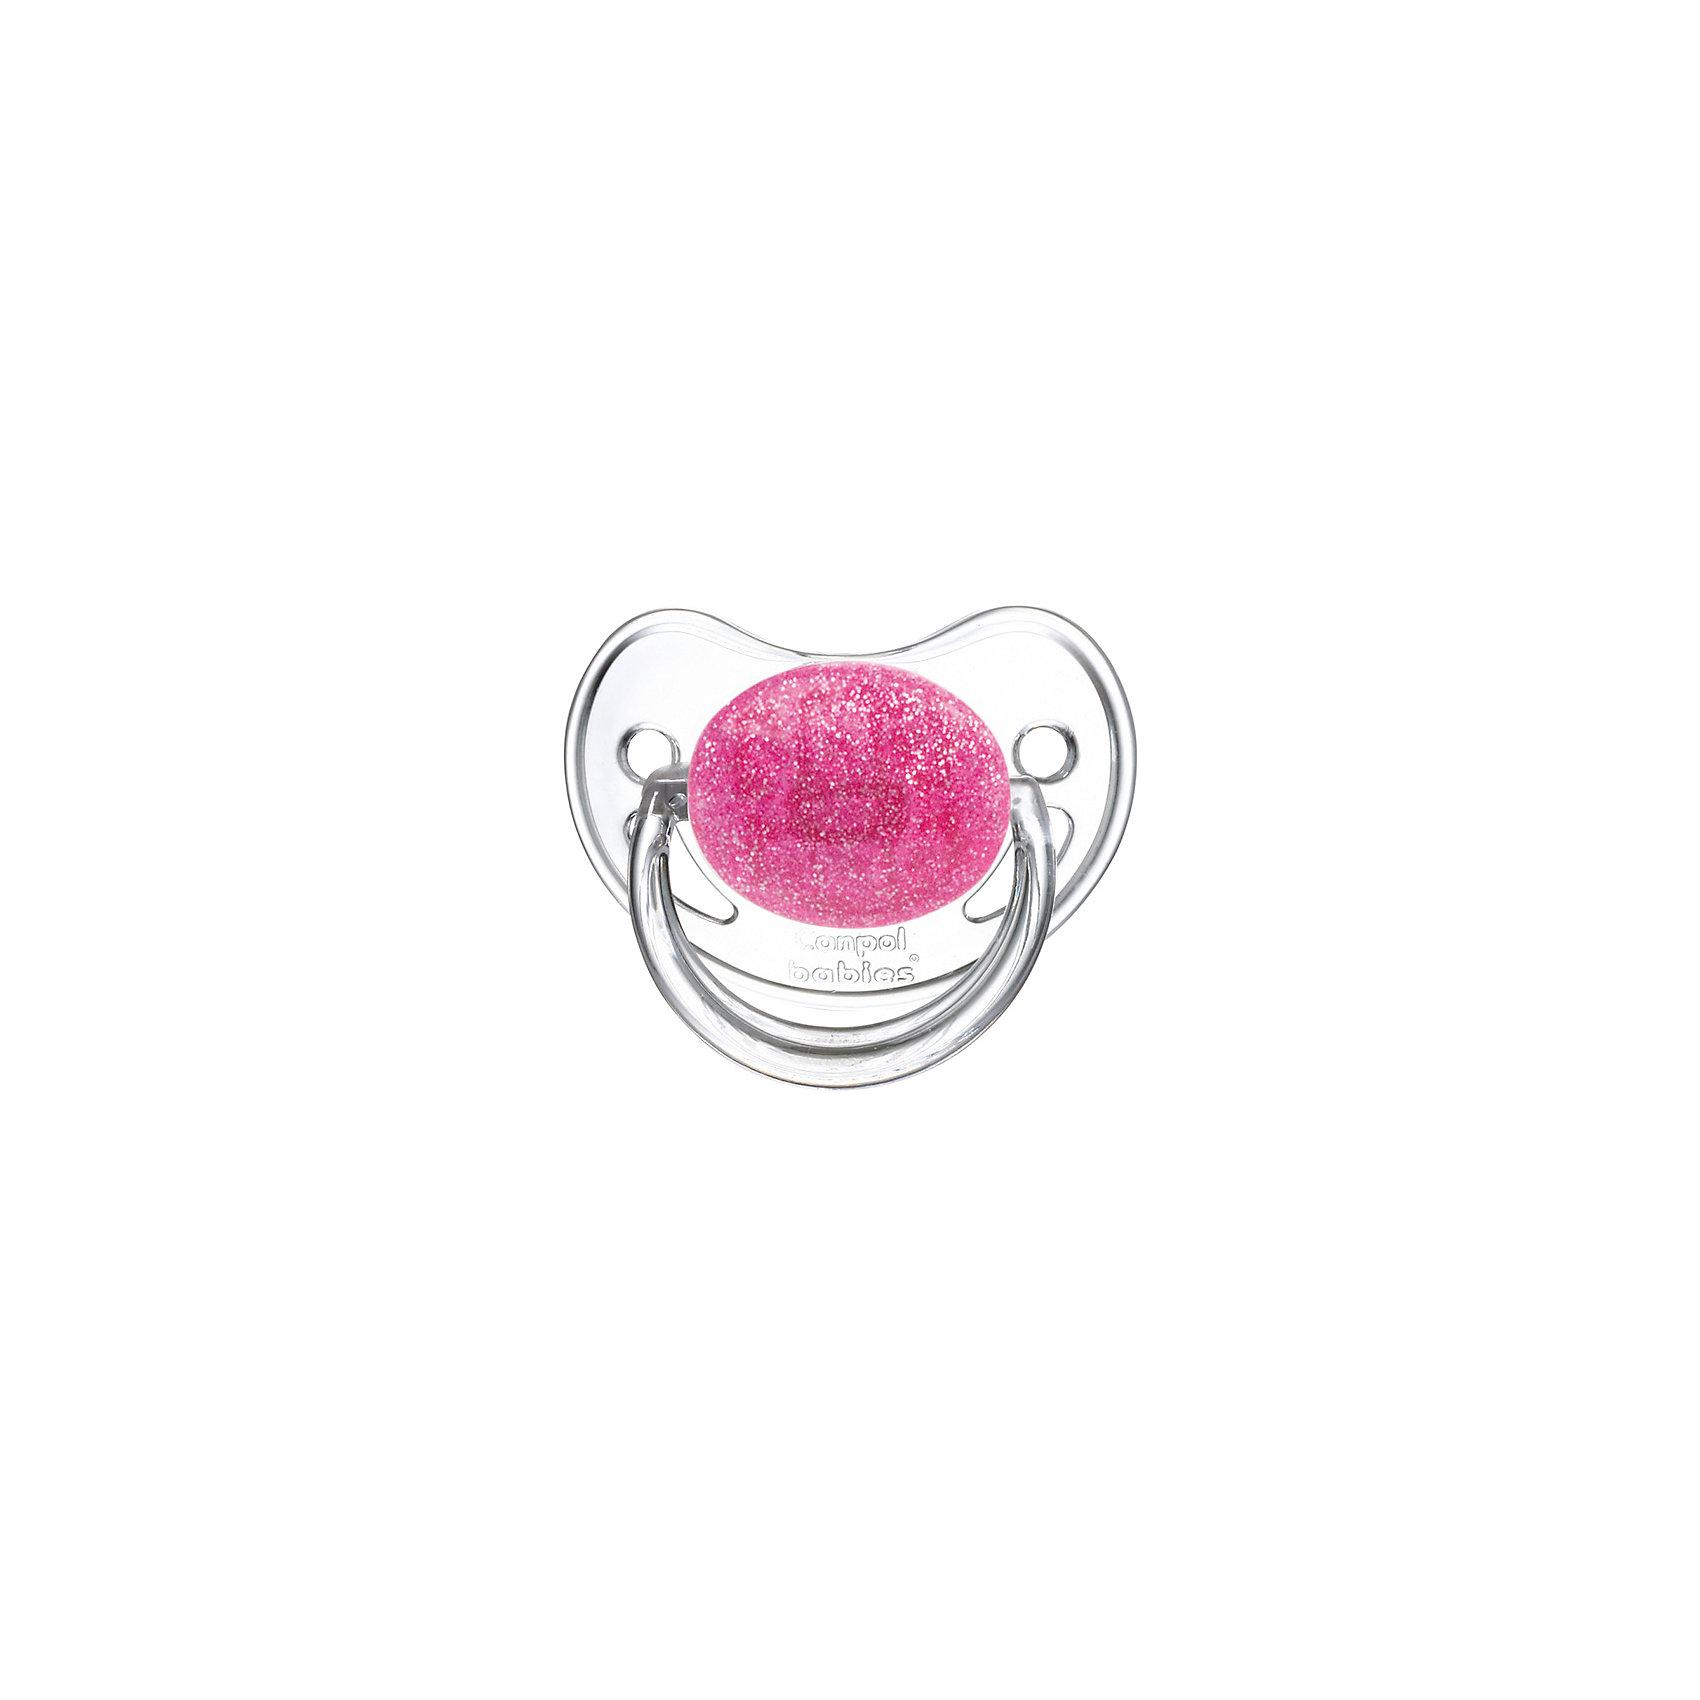 Canpol Babies Пустышка круглая латексная, 6-18 Moonlight, Canpol Babies, розовый canpol babies мисочка с ложкой и крышкой canpol babies розовый